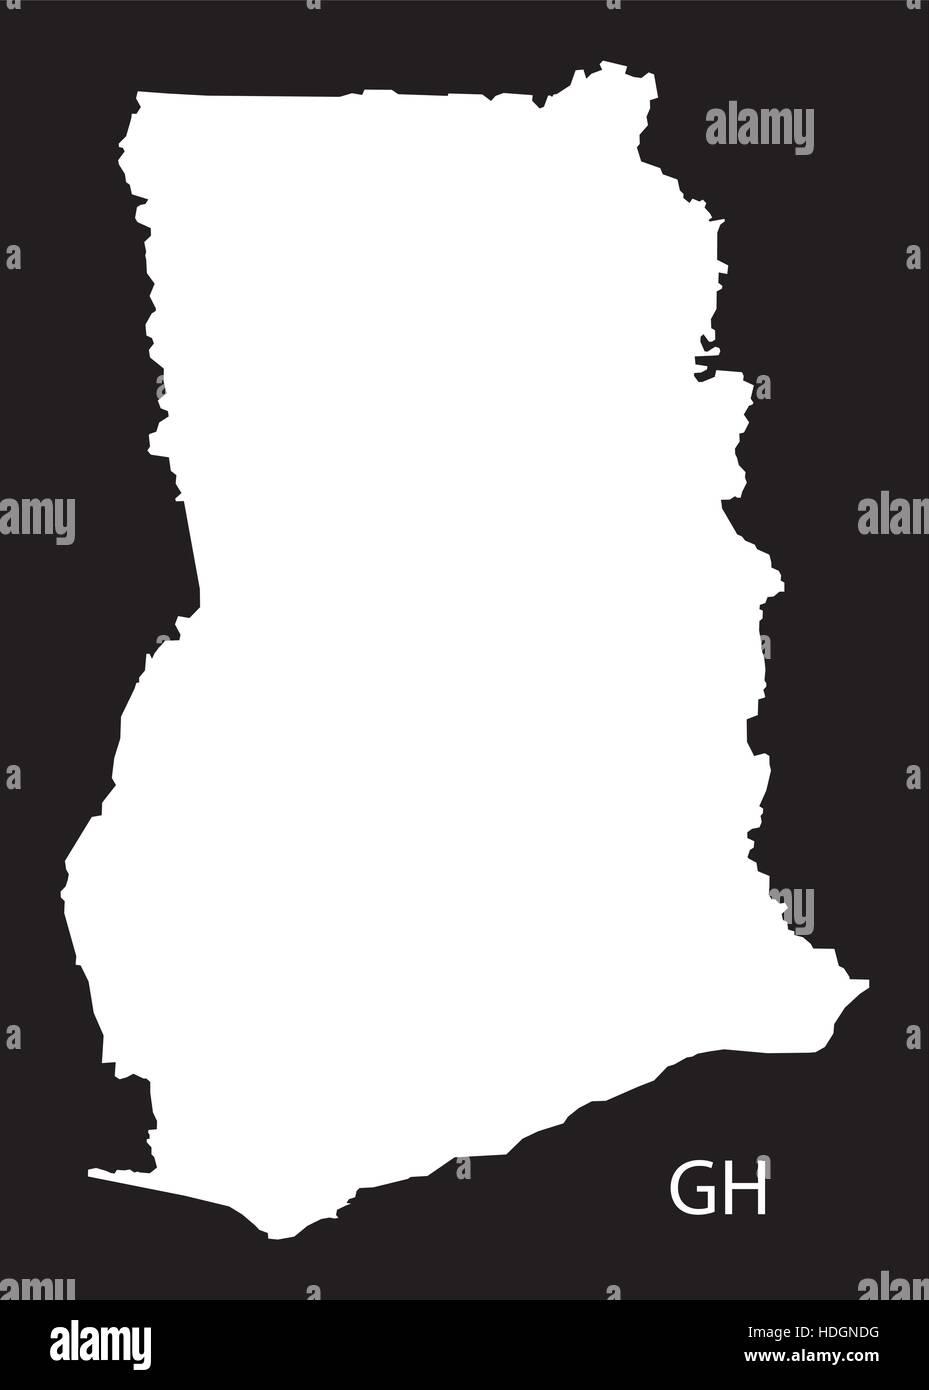 Ghana Map black and white illustration - Stock Vector